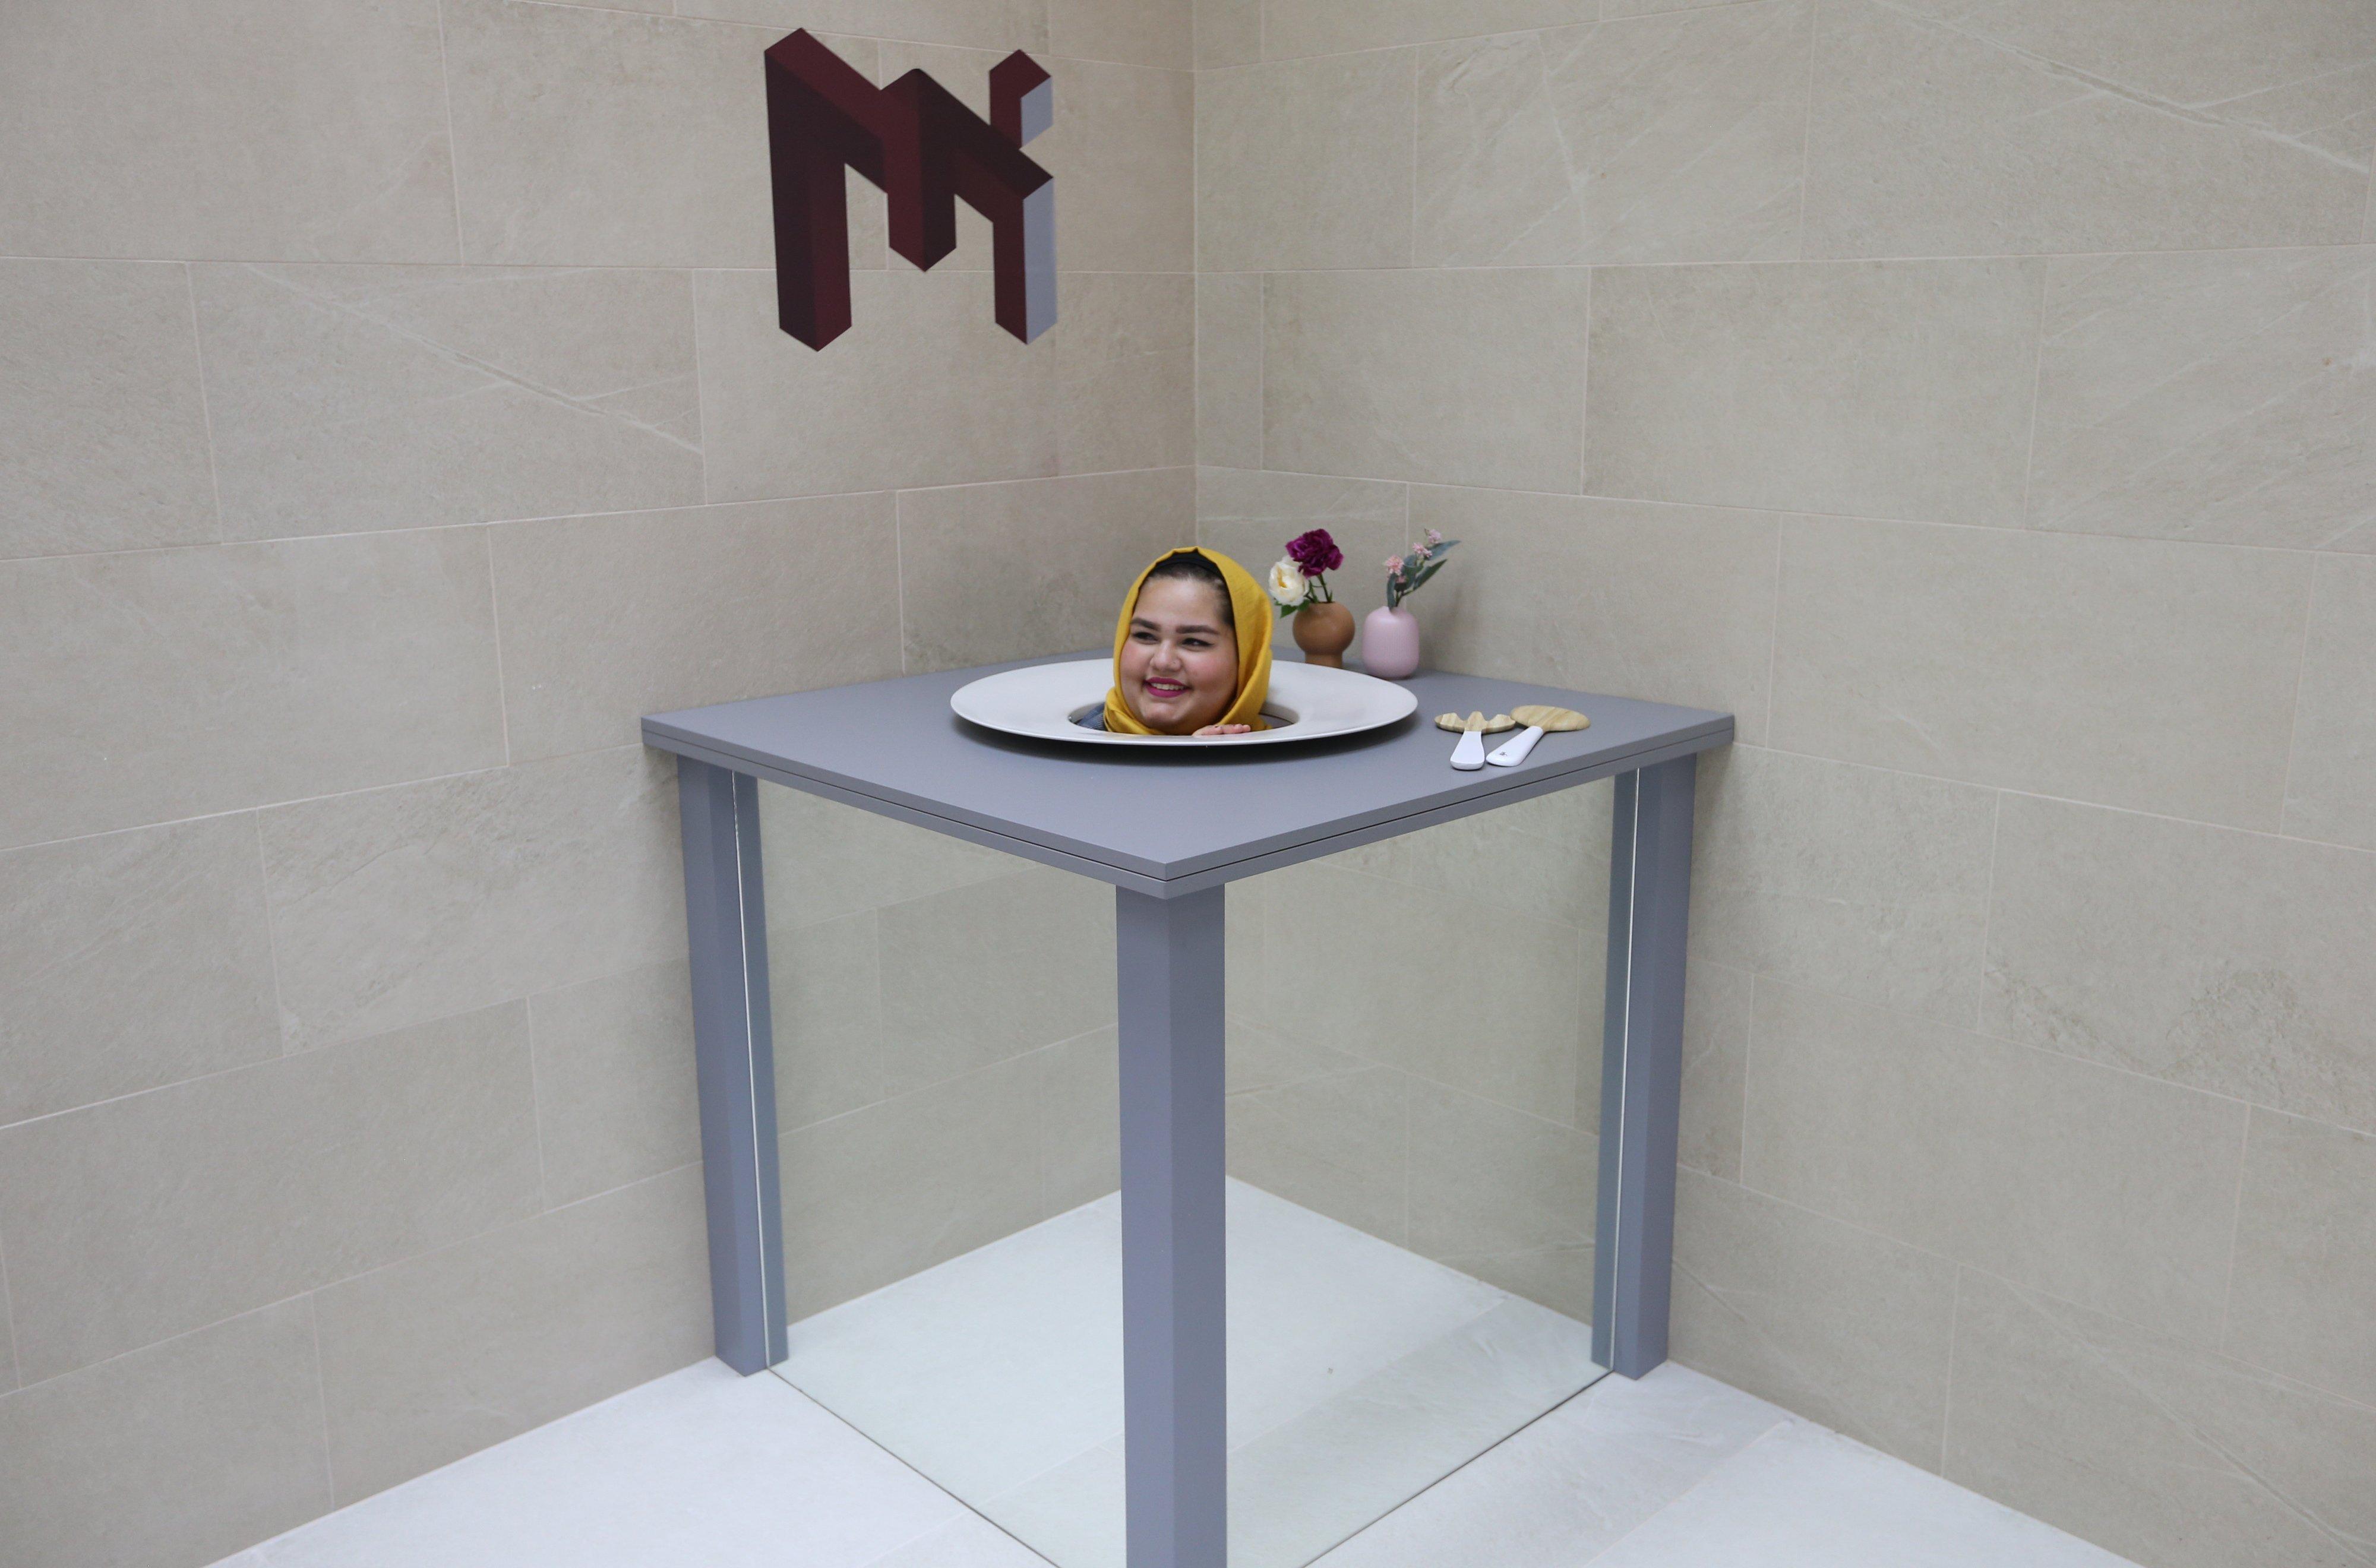 Dubaj, 2018. szeptember 9. Látogató az optikai csalódásokat létrehozó Illúziók Múzeumában, az egyesült arab emirátusokbeli Dubajban 2018. szeptember 9-én, a sajtónapon. A szeptember 12-én megnyitó múzeum több mint nyolcvan kiállítási tárgyat állított be a látogatók érzékeinek becsapására. (MTI/EPA/Ali Haider)